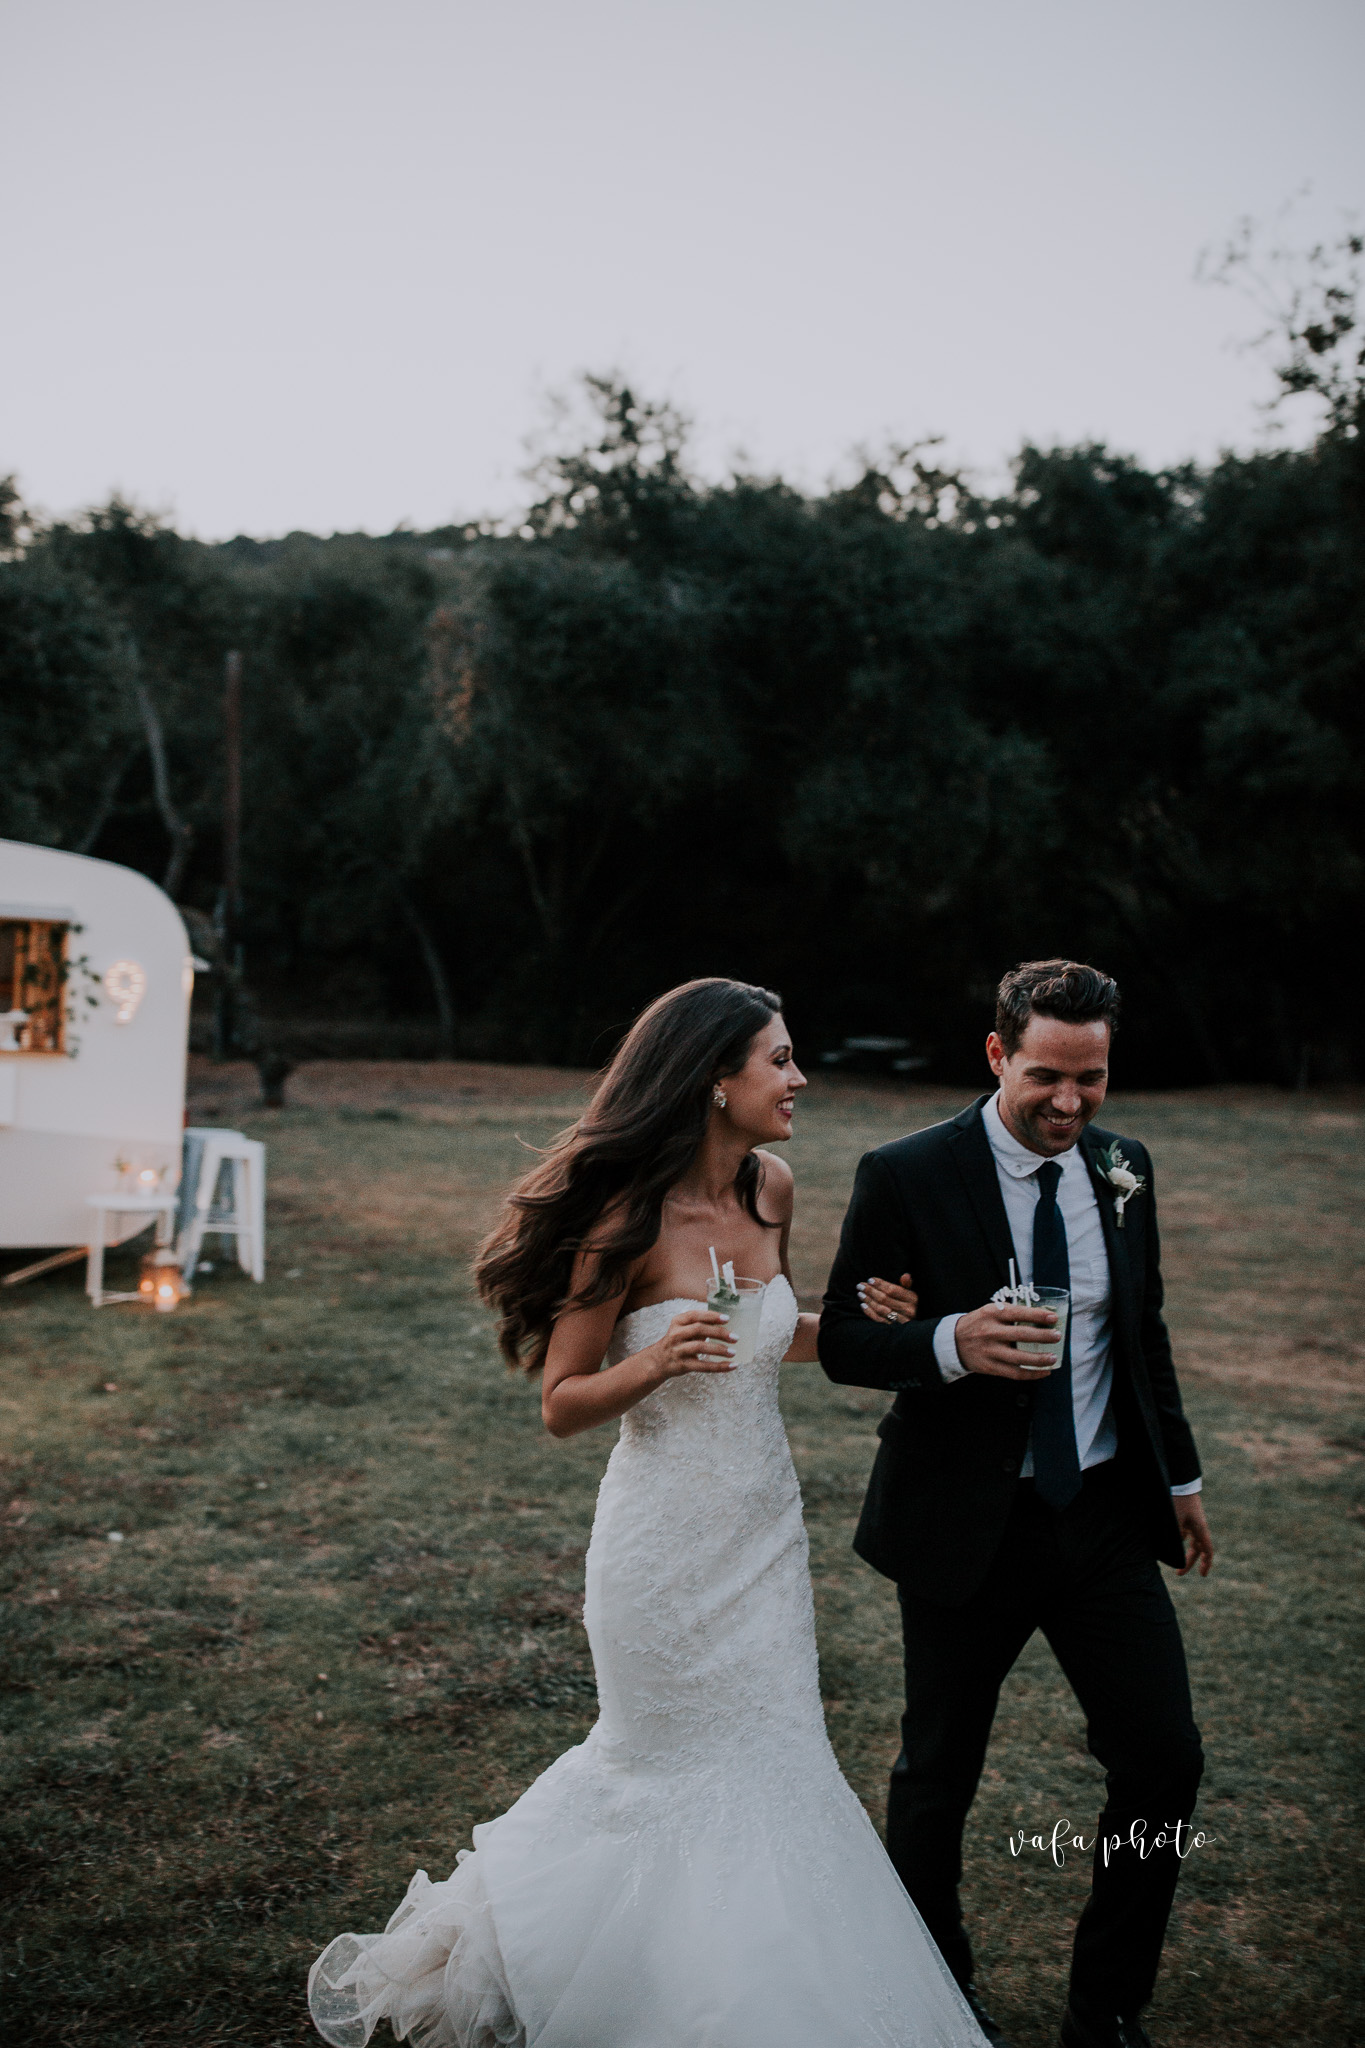 Southern-California-Wedding-Britt-Nilsson-Jeremy-Byrne-Vafa-Photo-852.jpg